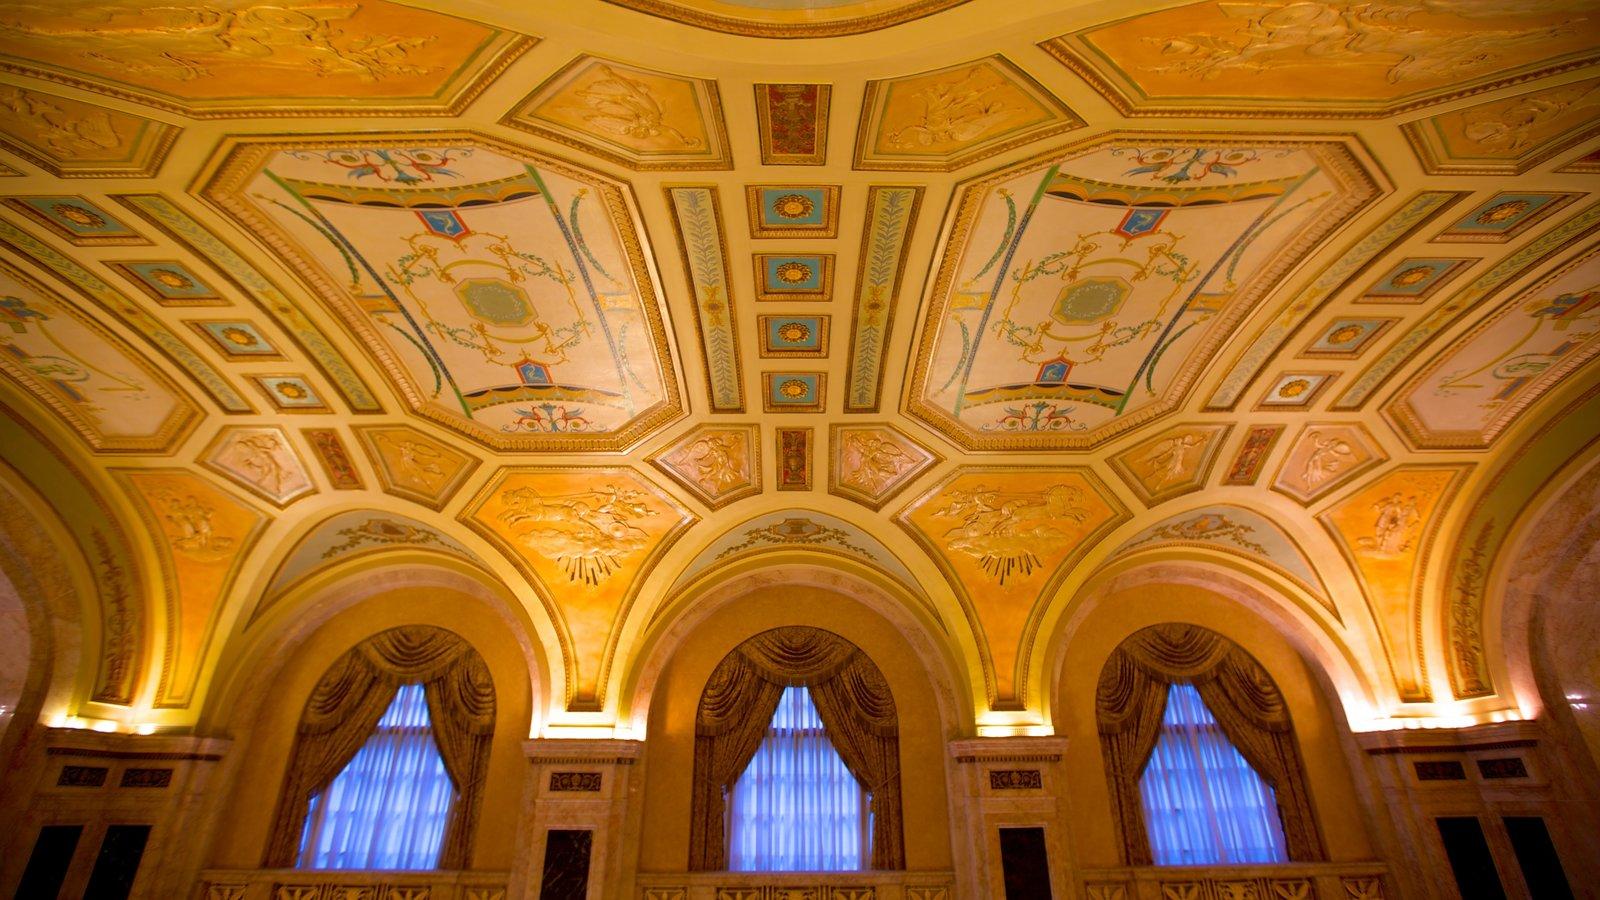 Hershey Theater mostrando arquitetura de patrimônio, vistas internas e cenas de teatro